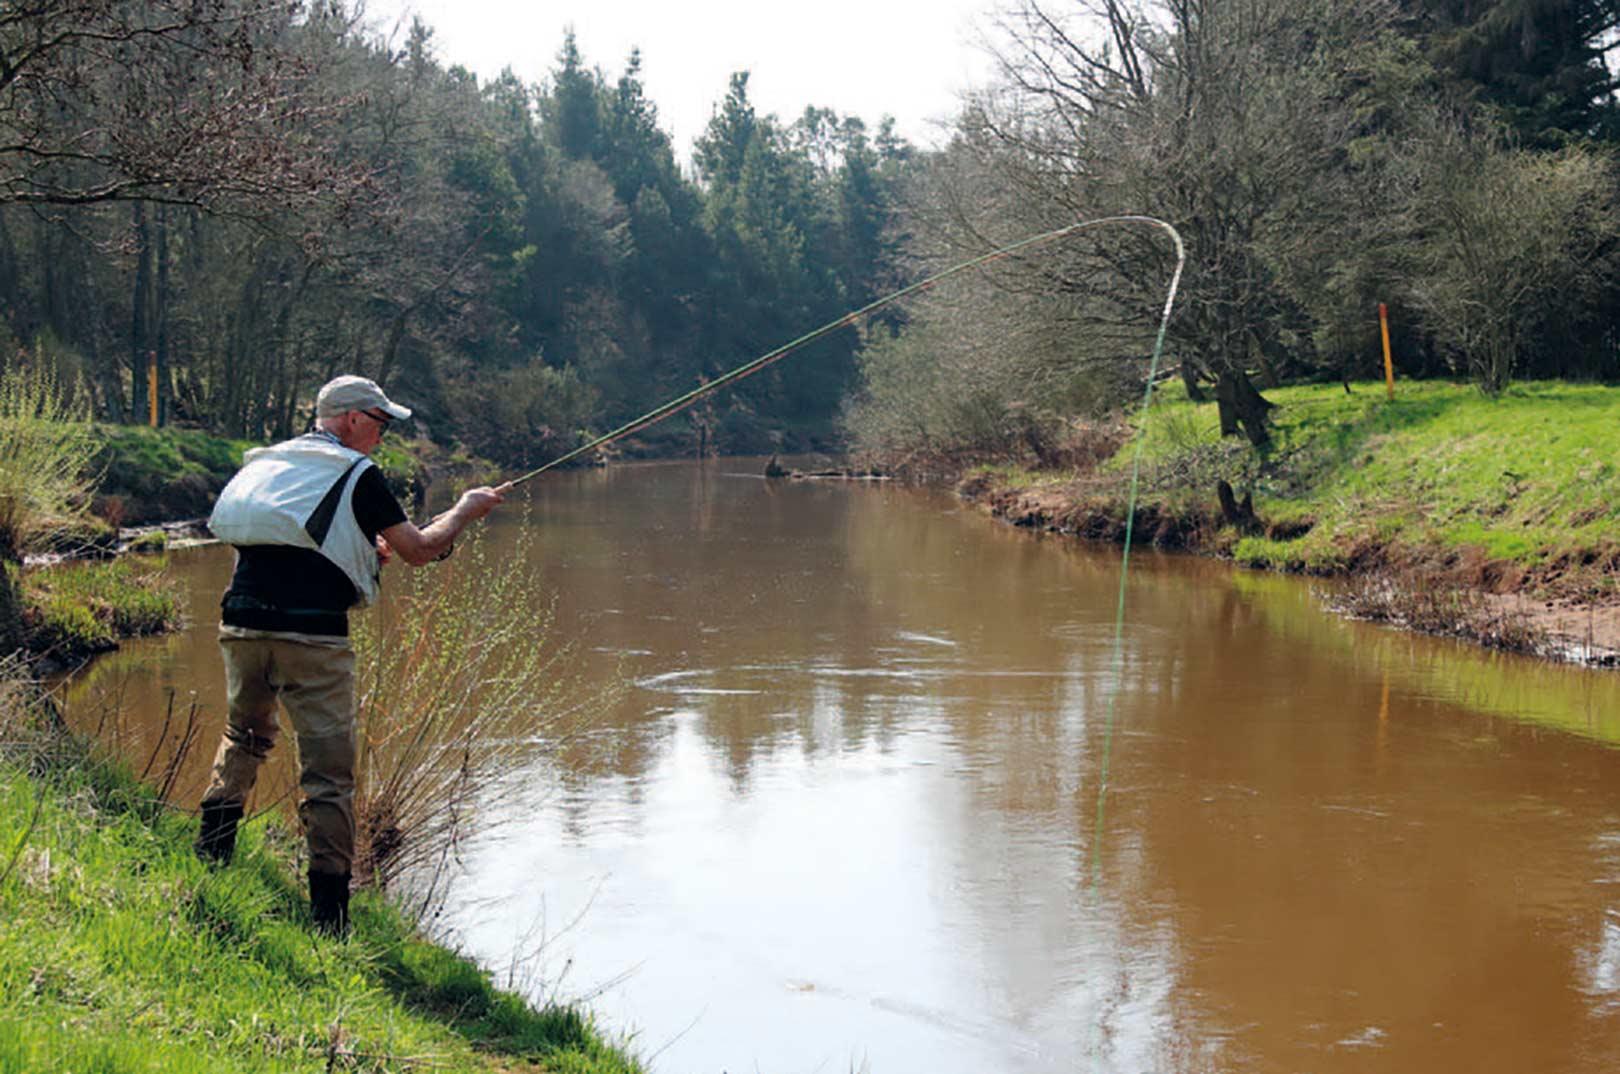 De nedre dele af åen har en god størrelse til tohåndsgrejet og stanglængder på 12 – 13 fod er passende.